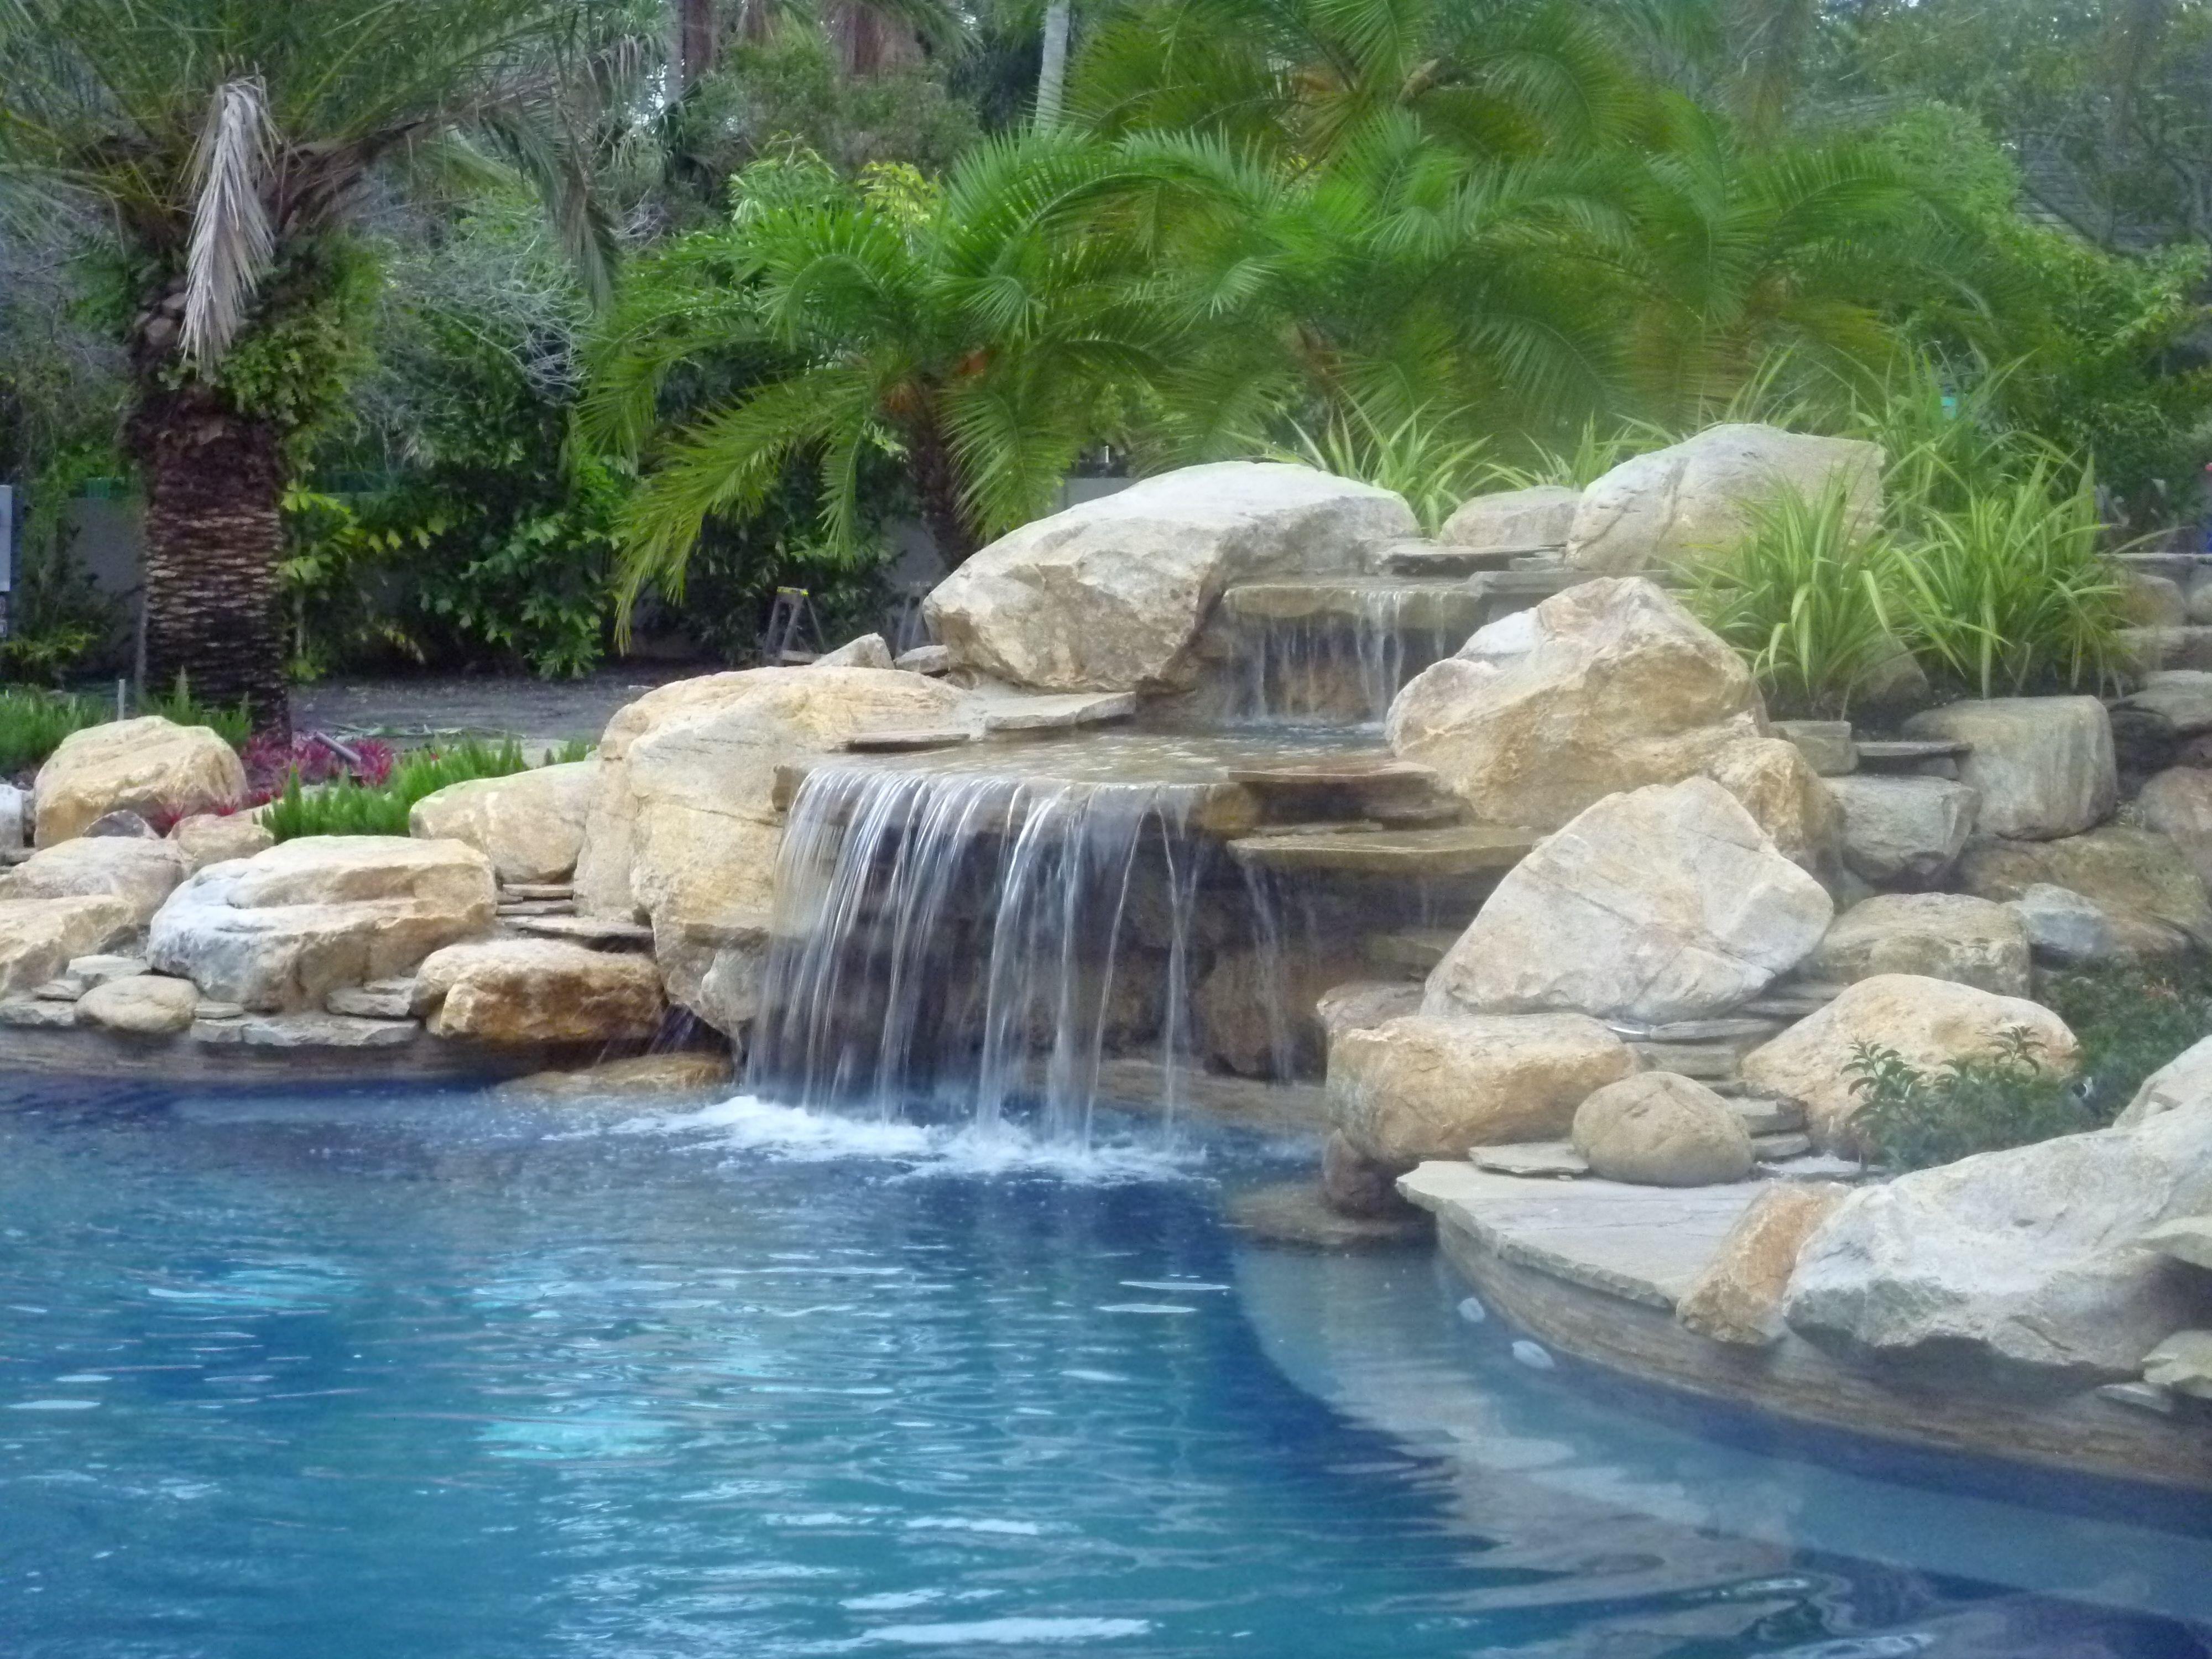 Pool Waterfall In Miami Florida Pool Waterfall Swimming Pool